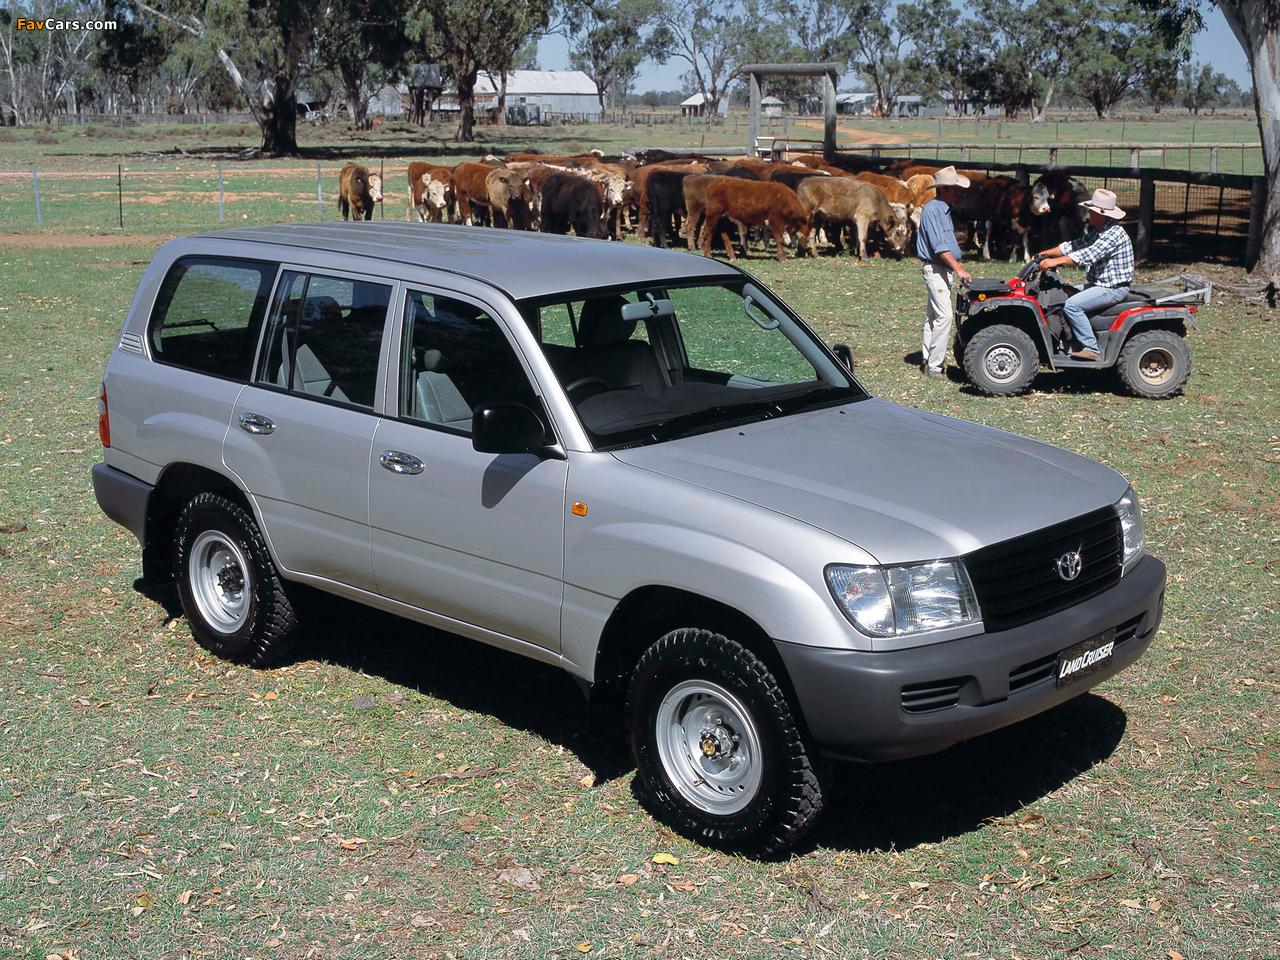 Toyota Land Cruiser 100 Standard Au Spec Hzj105 2002 05